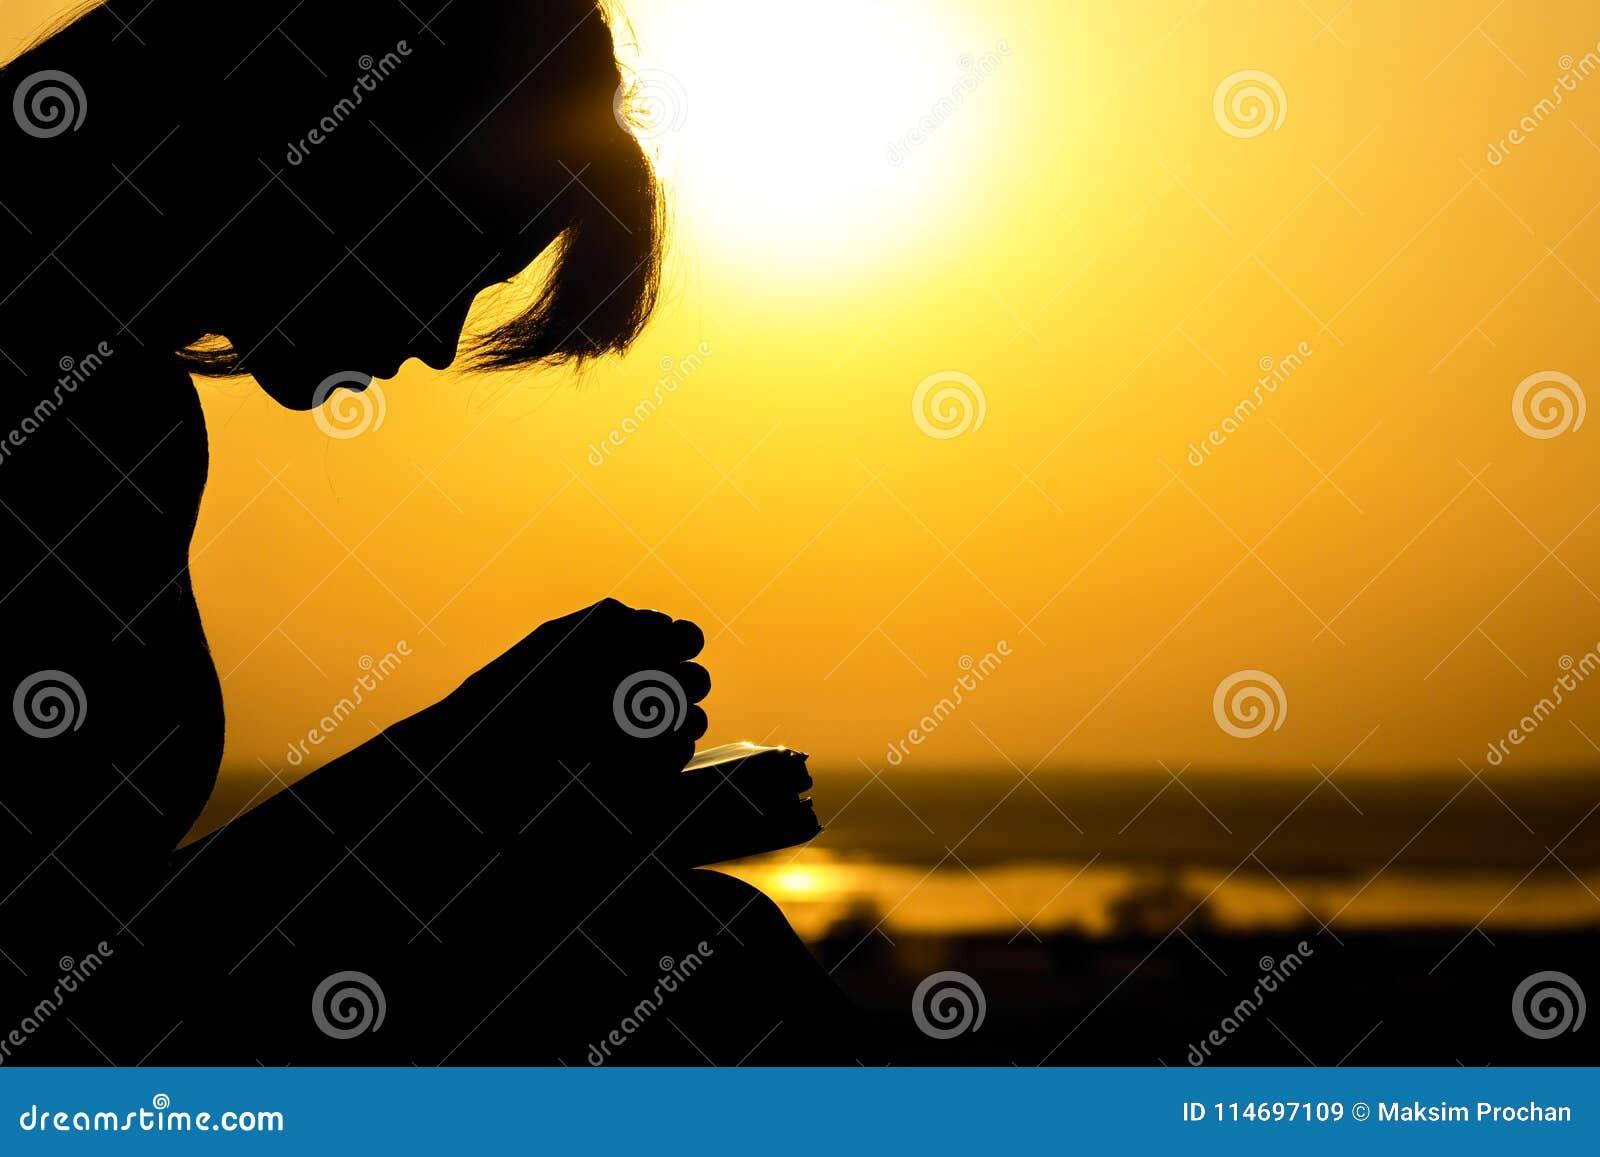 Kontur av händerna av kvinnan som ber till guden i naturwitthen bibeln på solnedgången, begreppet av religionen och andlighet